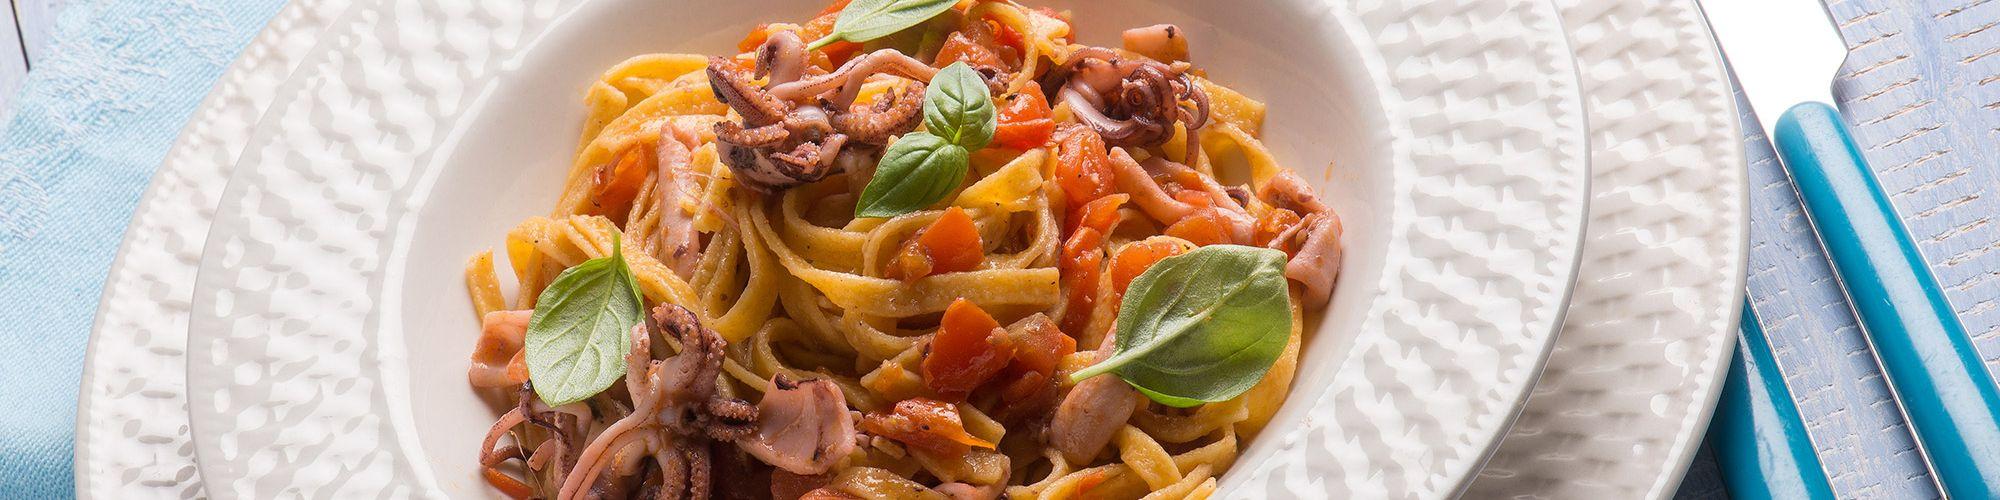 ricetta Tagliolini con seppie e pomodorini con pasta fresca